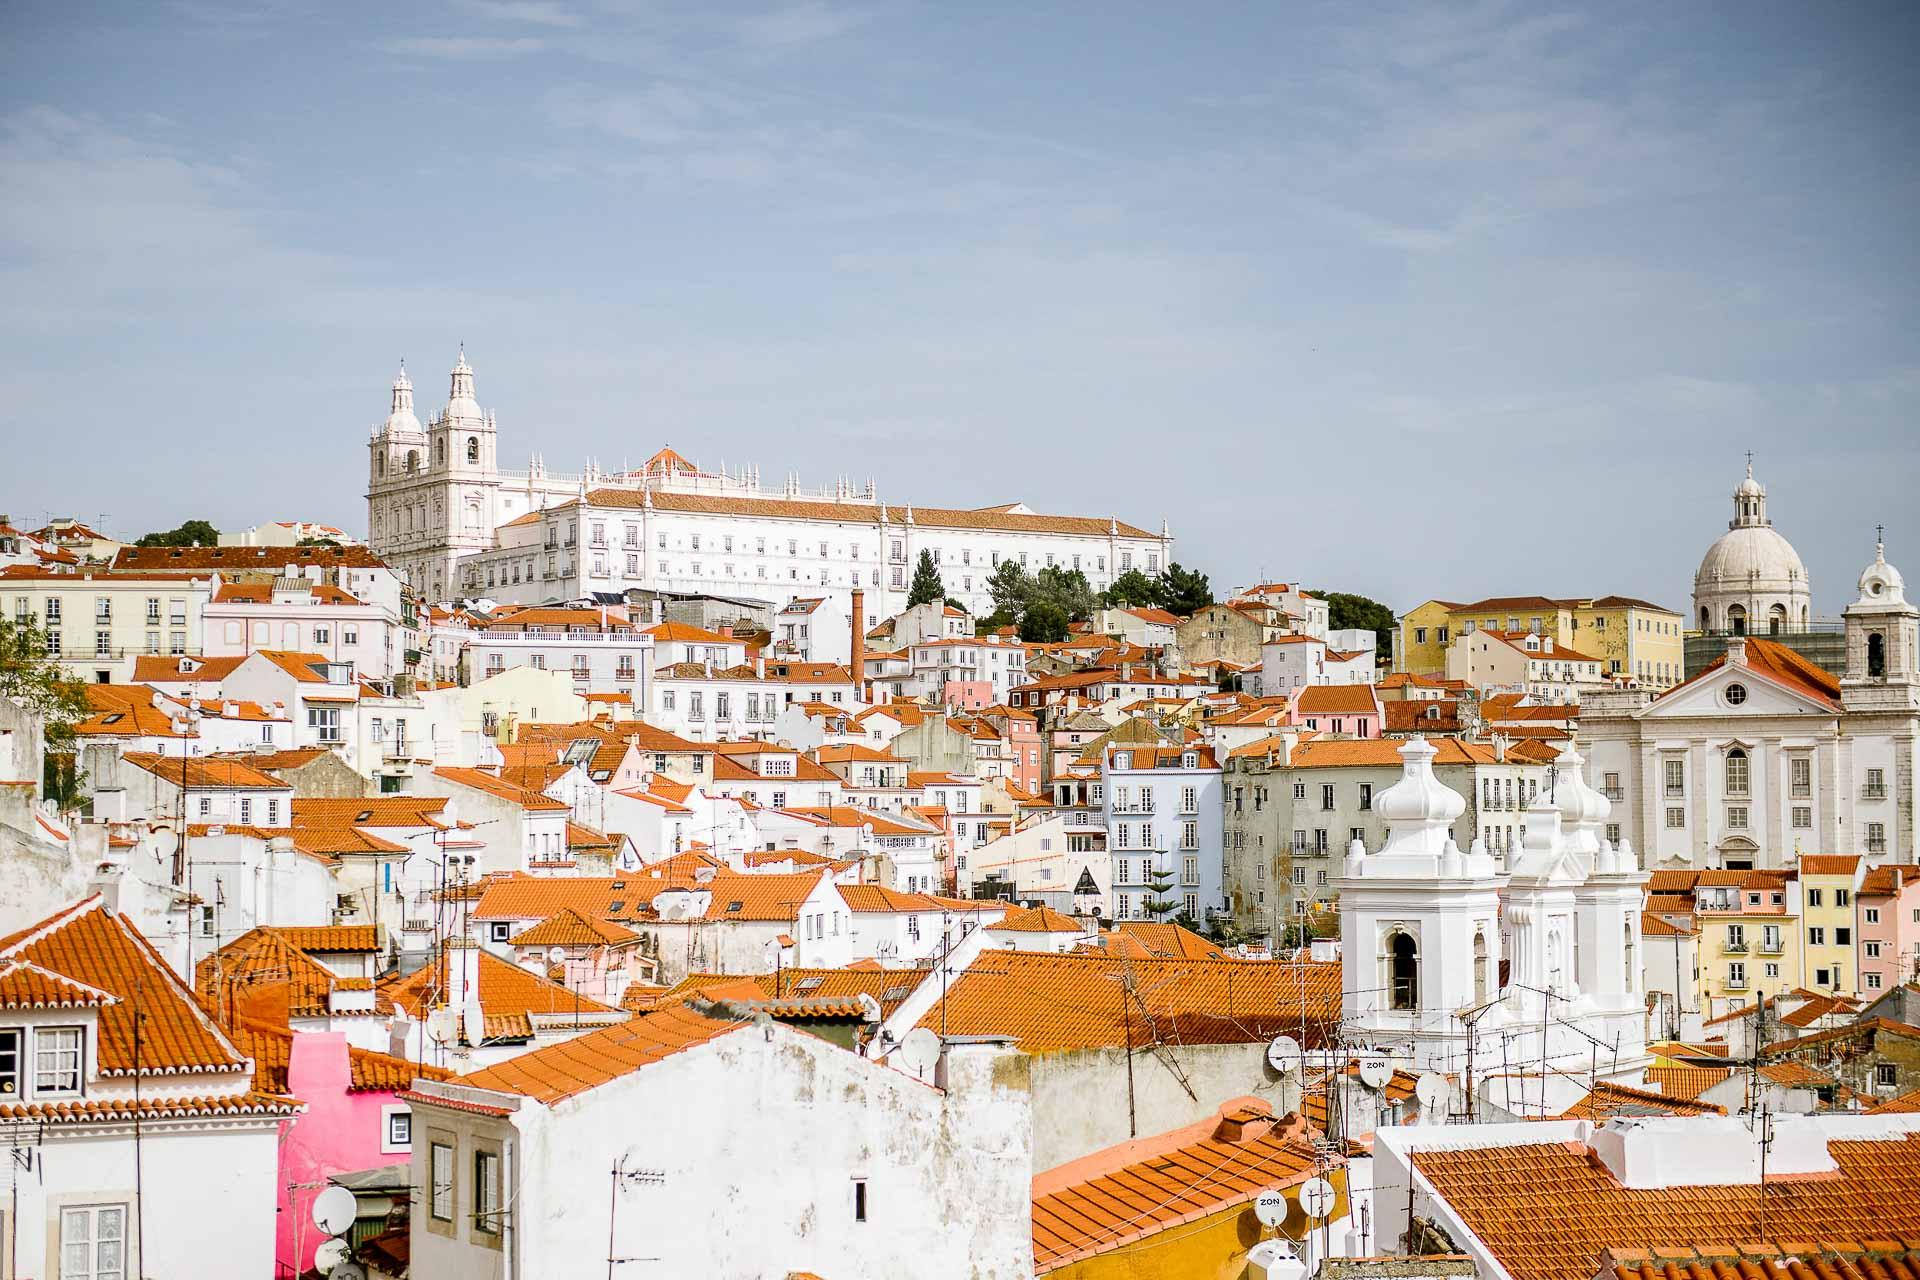 Voilà maintenant quelques années que Lisbonne attire un nombre croissant d'amateurs de soleil, d'architecture bigarrée, de façades pittoresques et de dolce vita lusophone. Une capitale en plein bouillonnement, dont nous vous dévoilons ici les meilleures adresses.